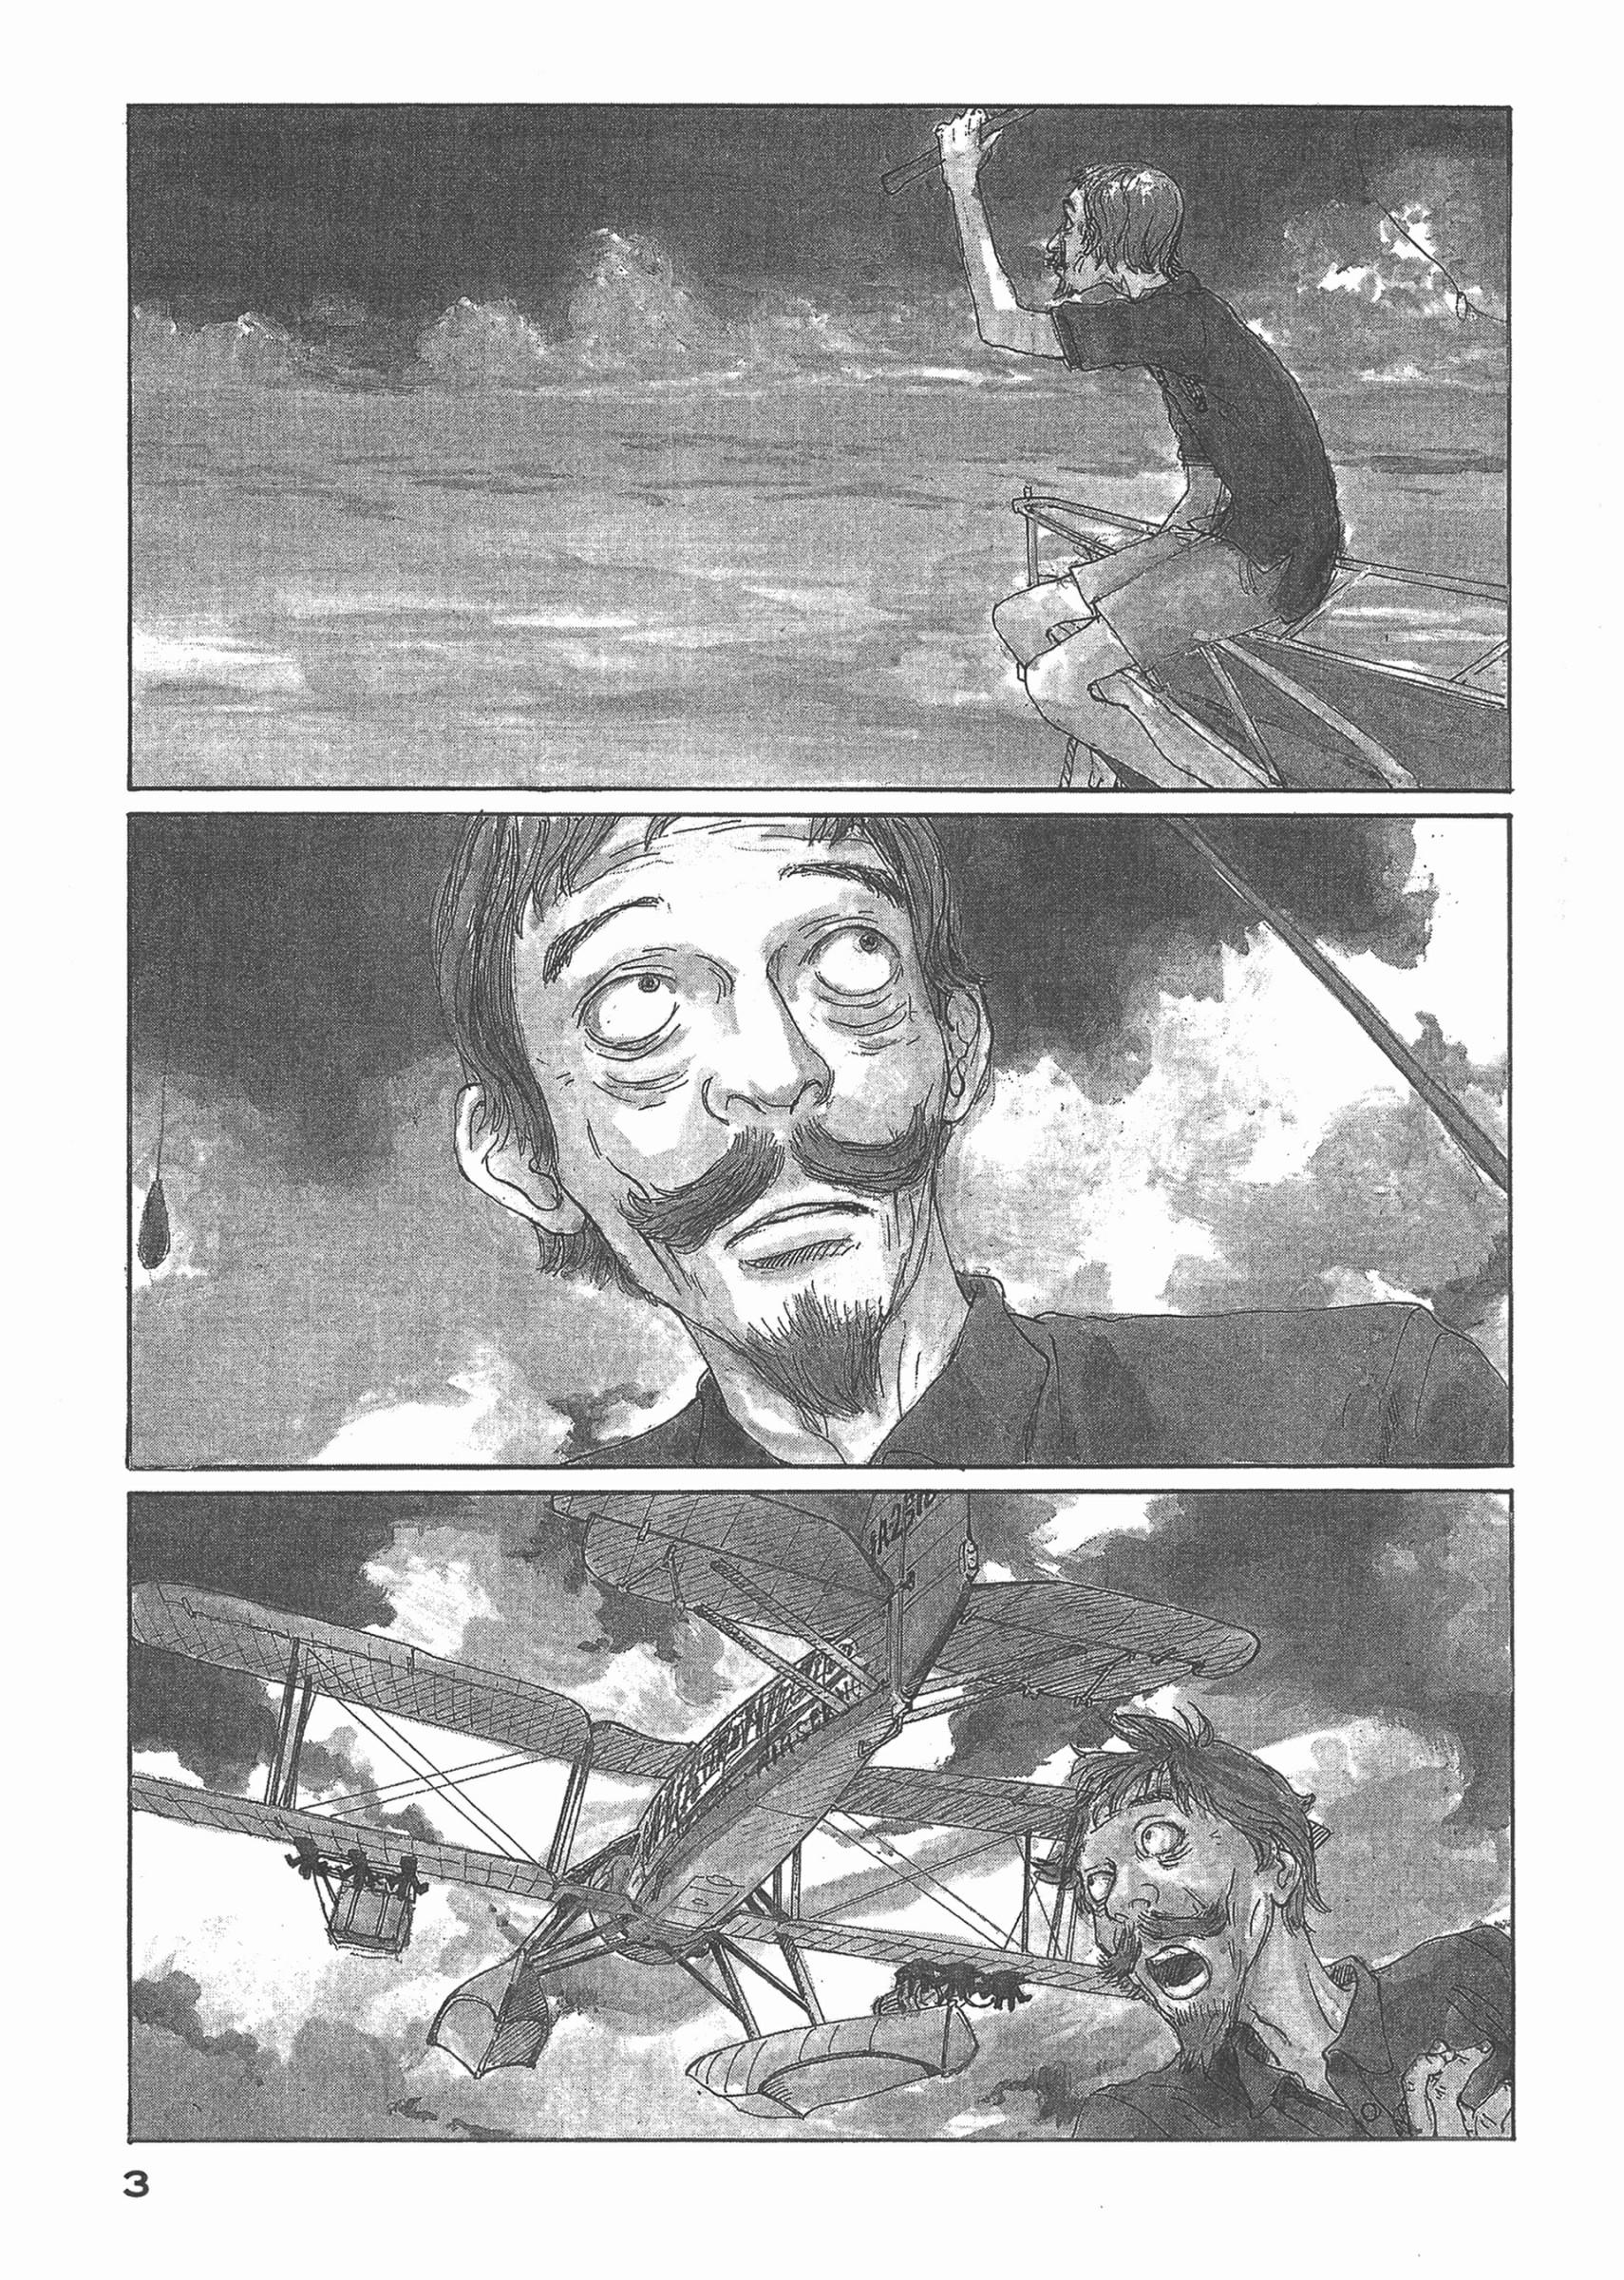 【漫画】冒险岛艾尔基特 vol.01